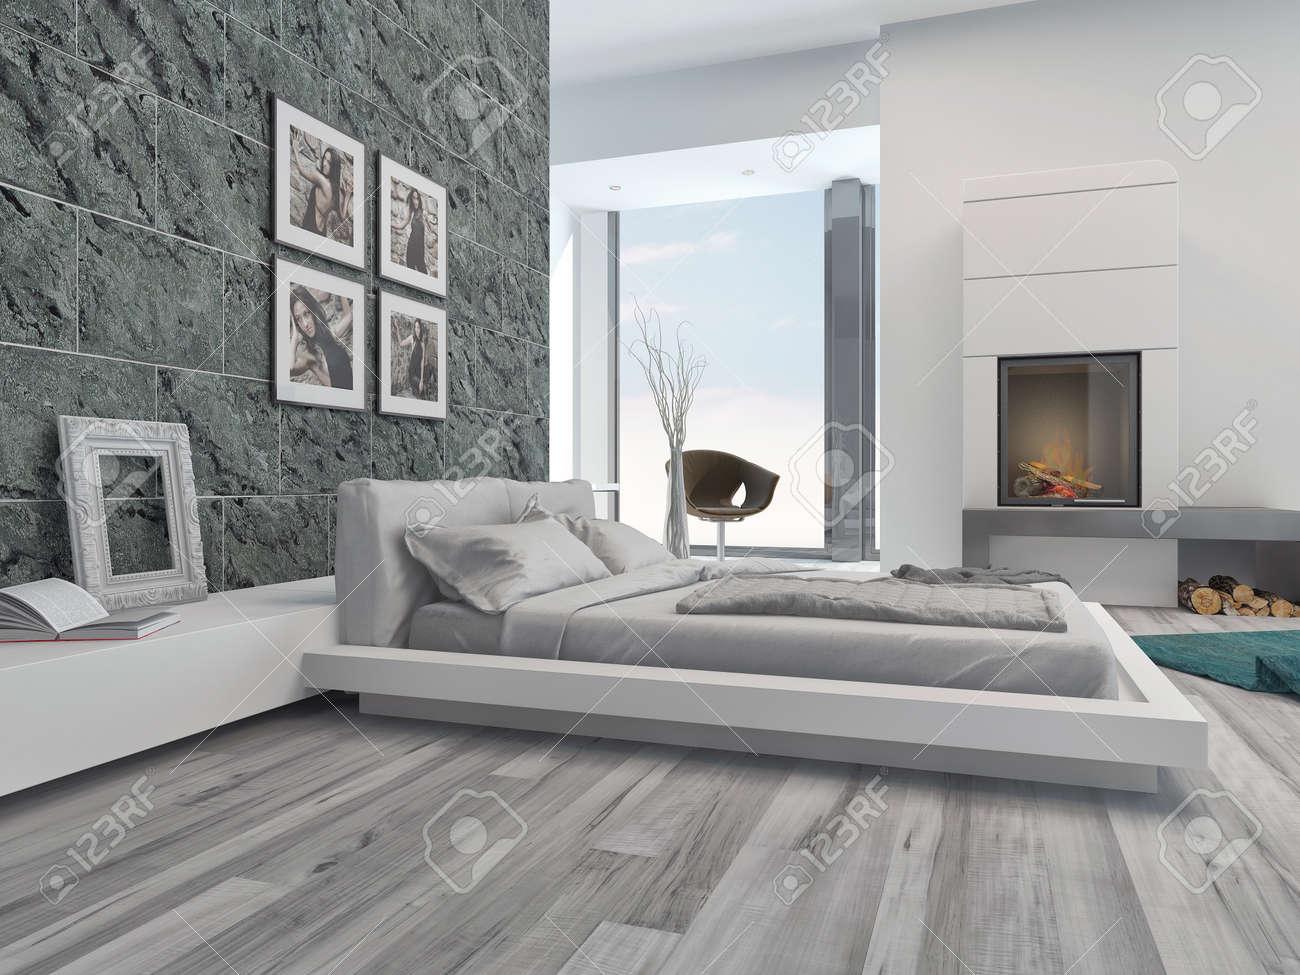 Modern Bedroom Interior Modern Bedroom Interior With Elegant Grey Decor Stylish Cabinets